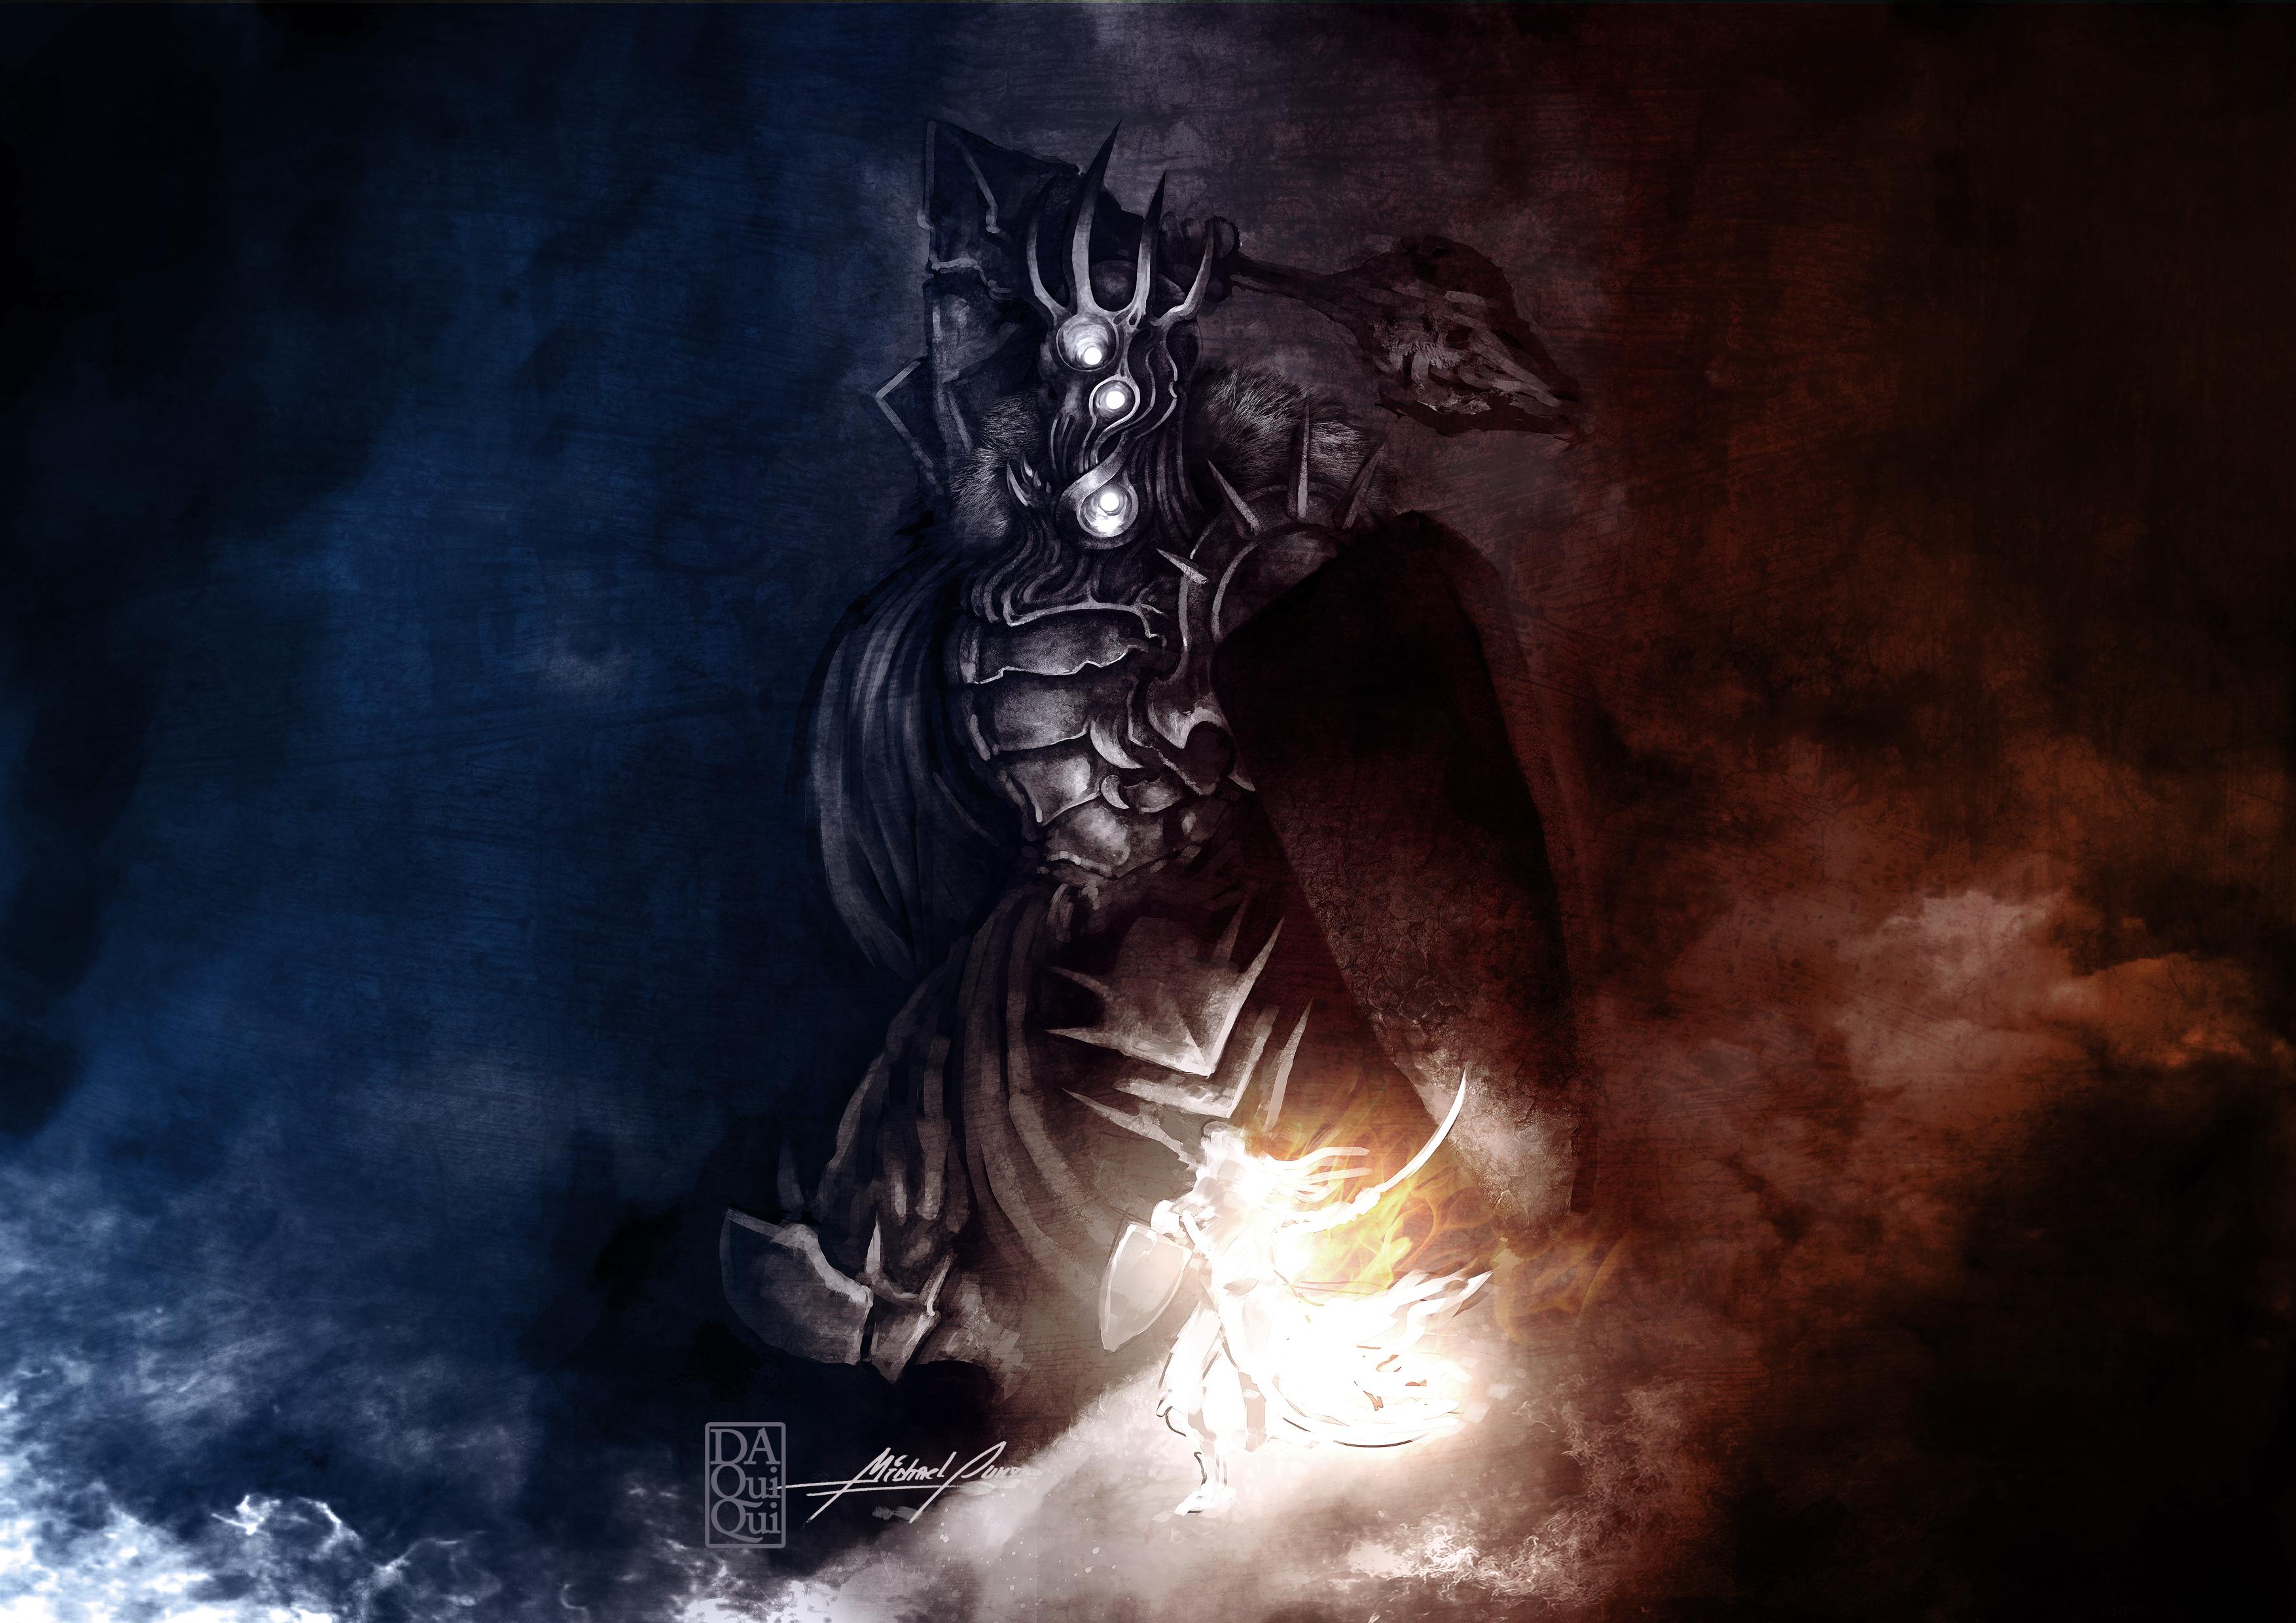 D Rings Vs Buckles Last Crusade Wested